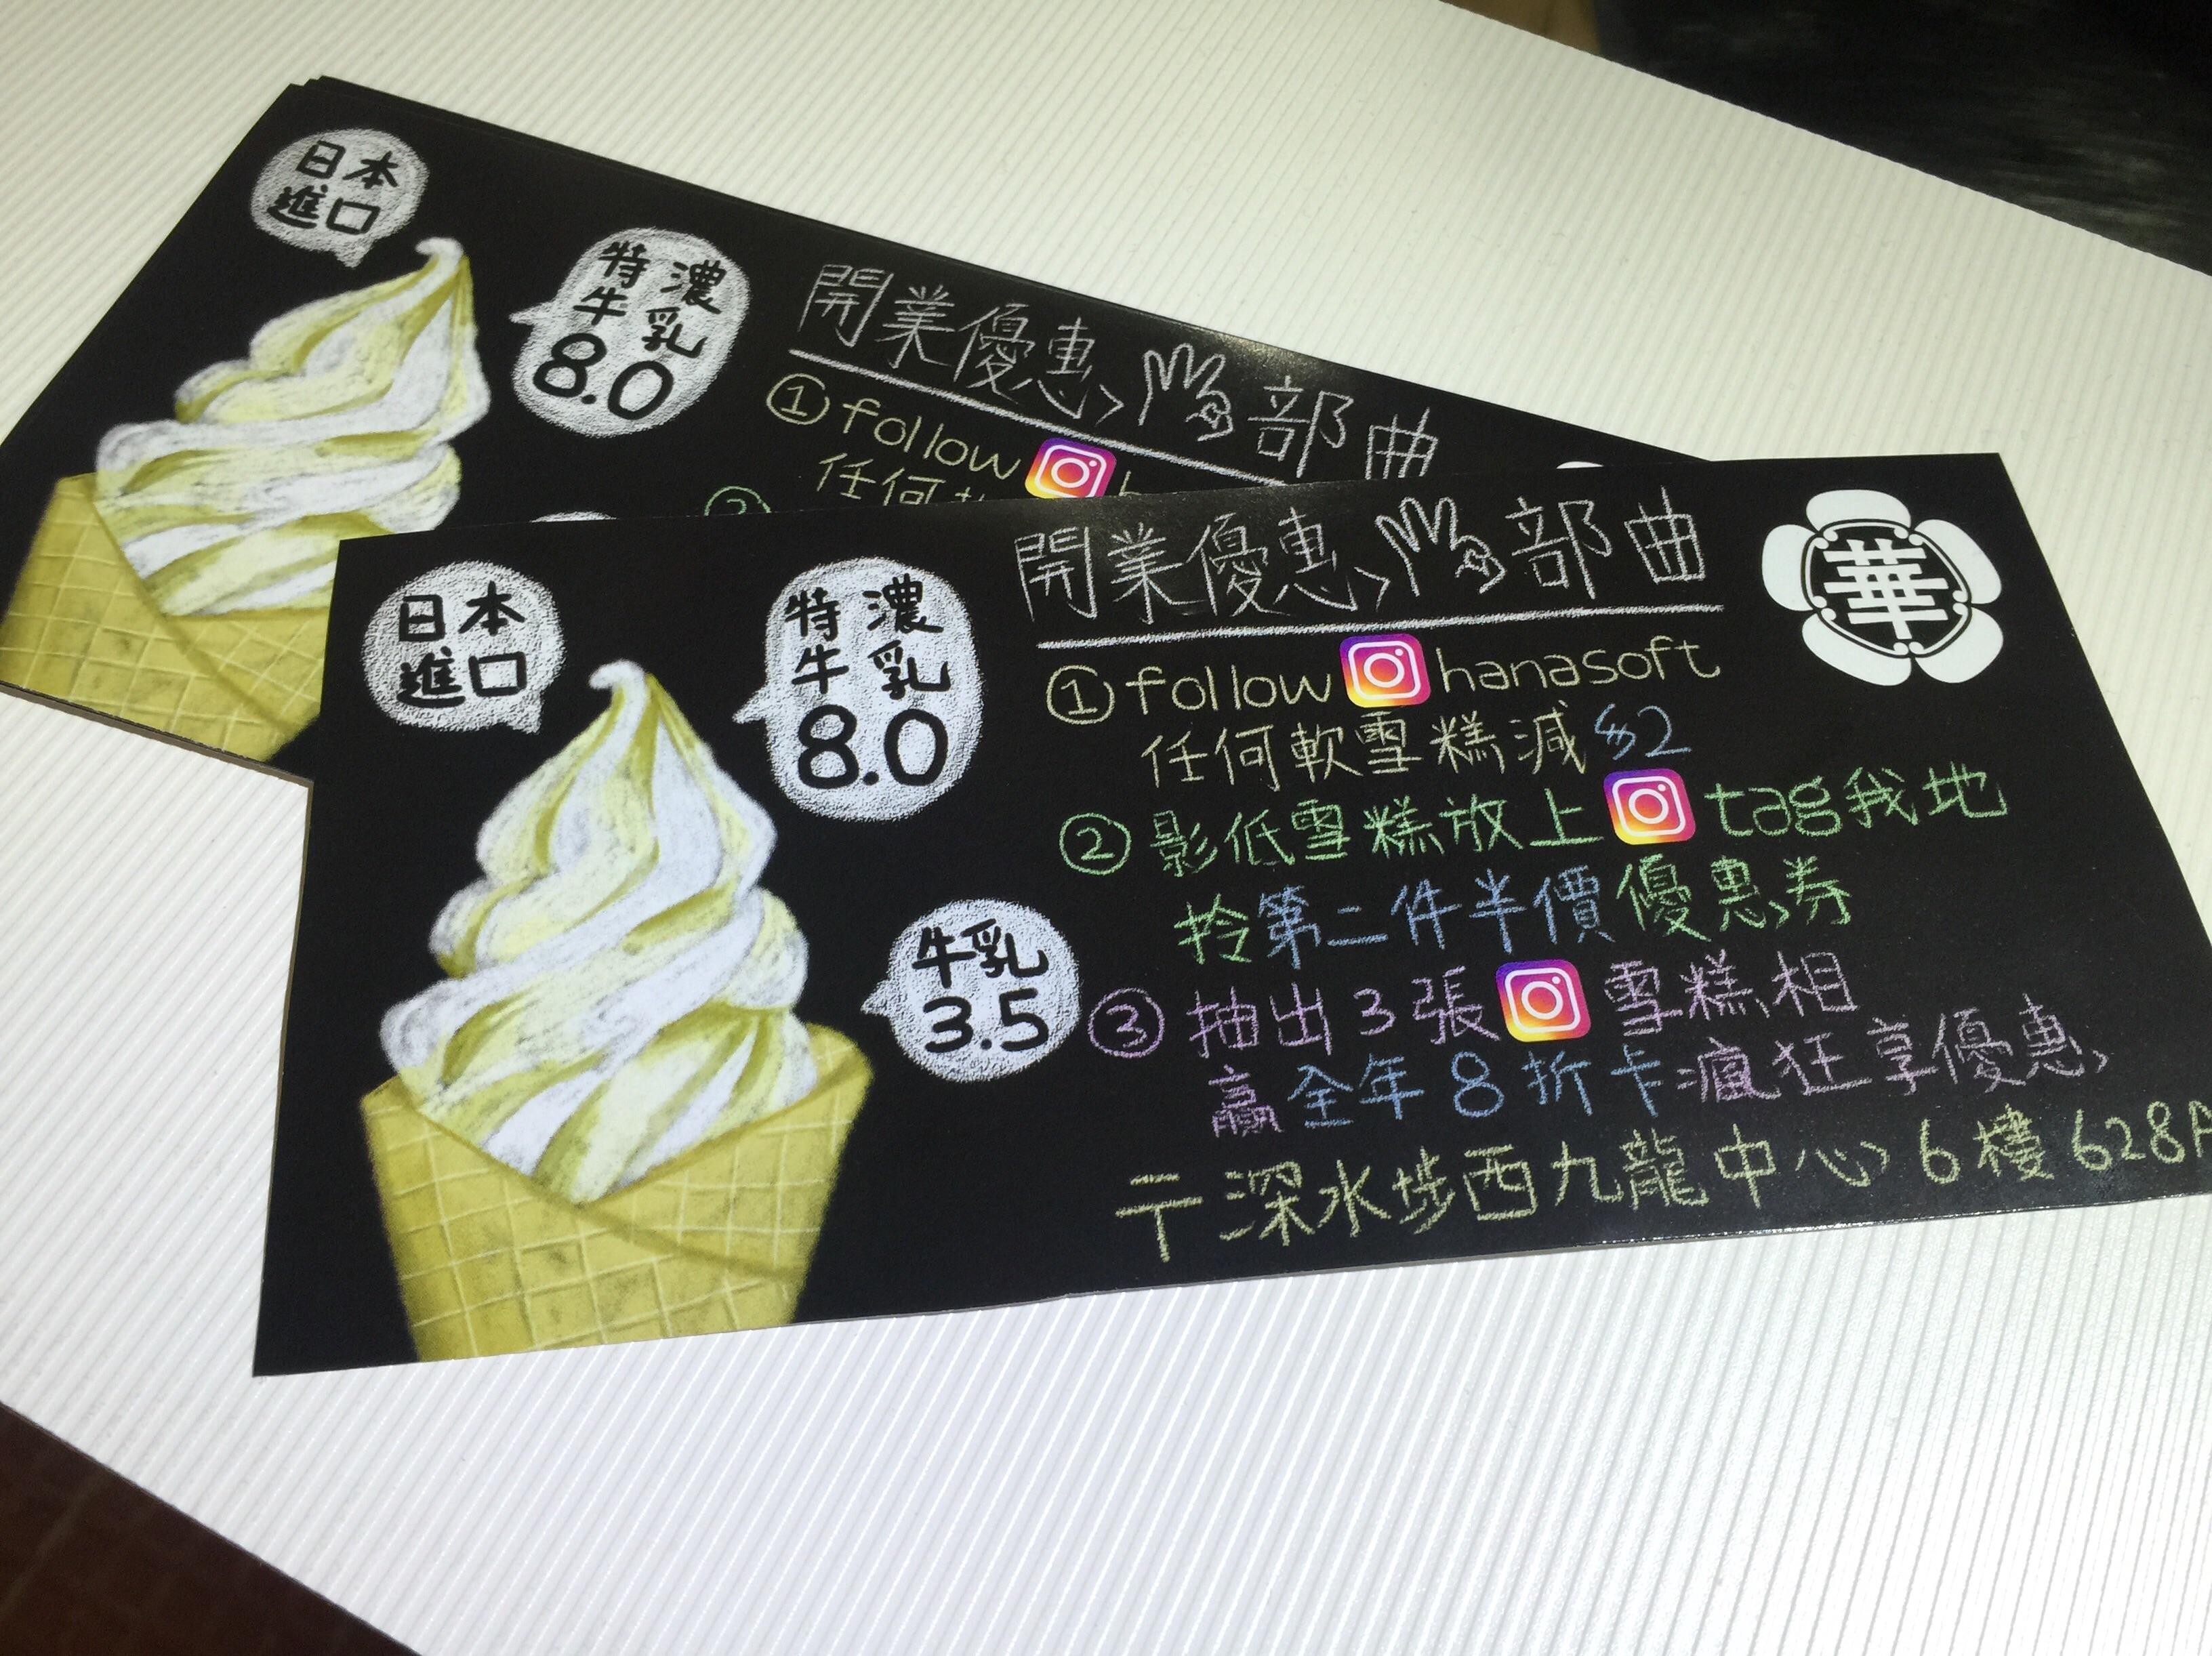 西九龍中心食全港最濃8.0 牛乳雪糕!   Gladys Man Fashion Republic Blog